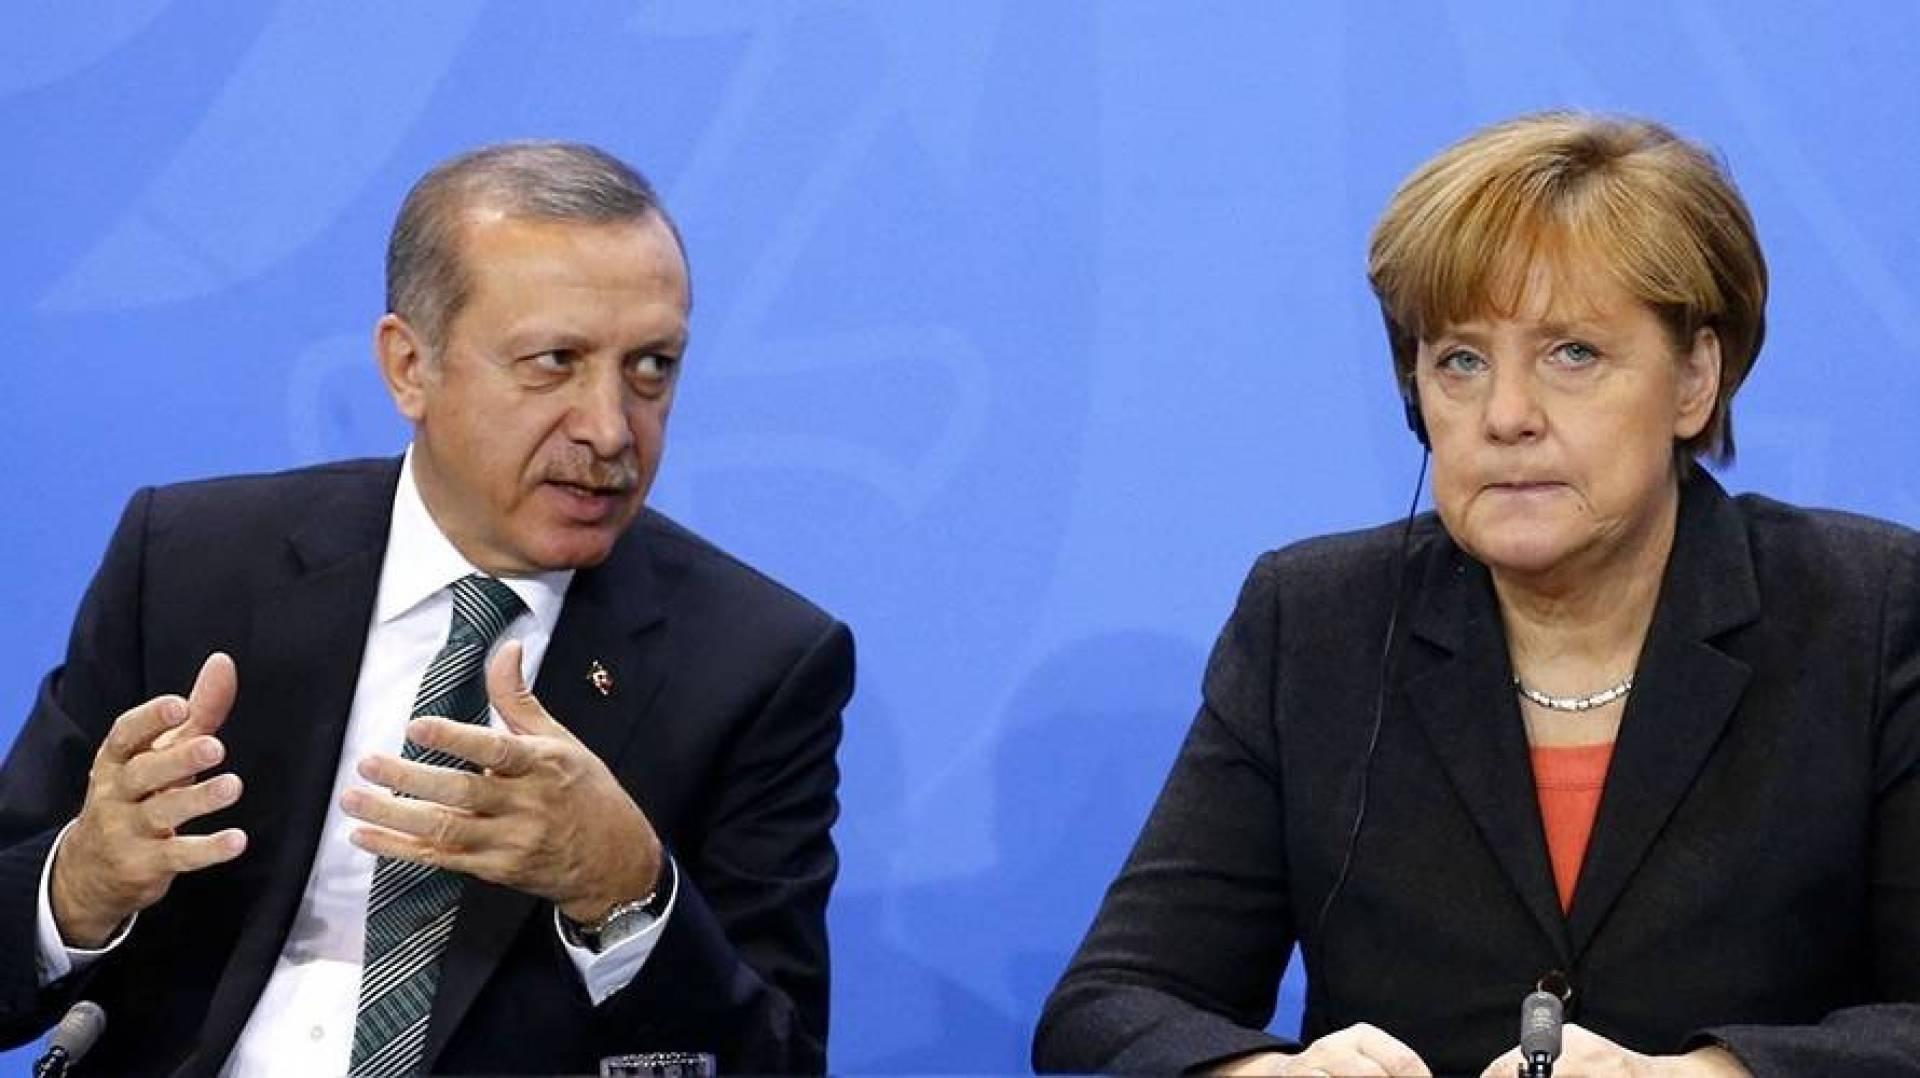 الخارجية الألمانية تحذر من كارثة إنسانية وموجة لجوء جديدة جراء العملية التركية